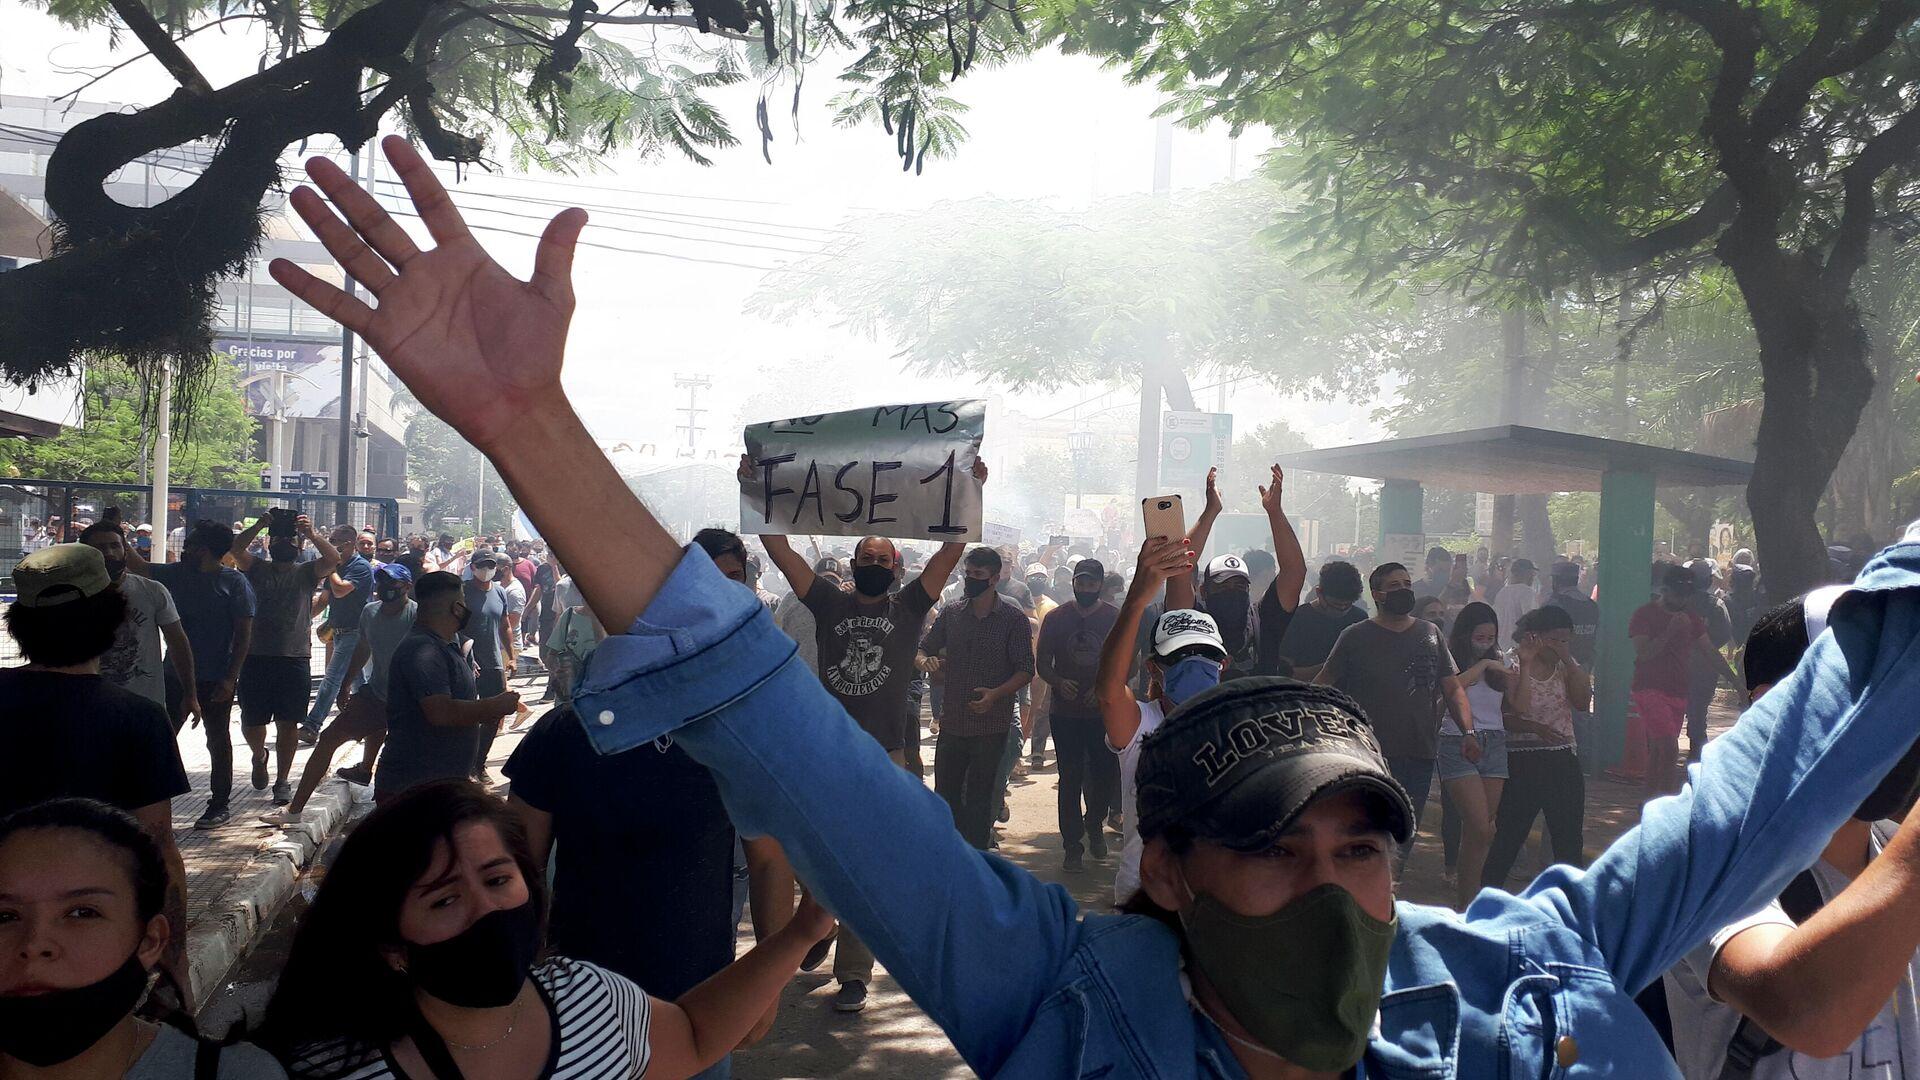 Manifestantes protestan contra el retorno a la 'fase 1' de respuesta a la pandemia en la provincia argentina de Formosa - Sputnik Mundo, 1920, 08.03.2021